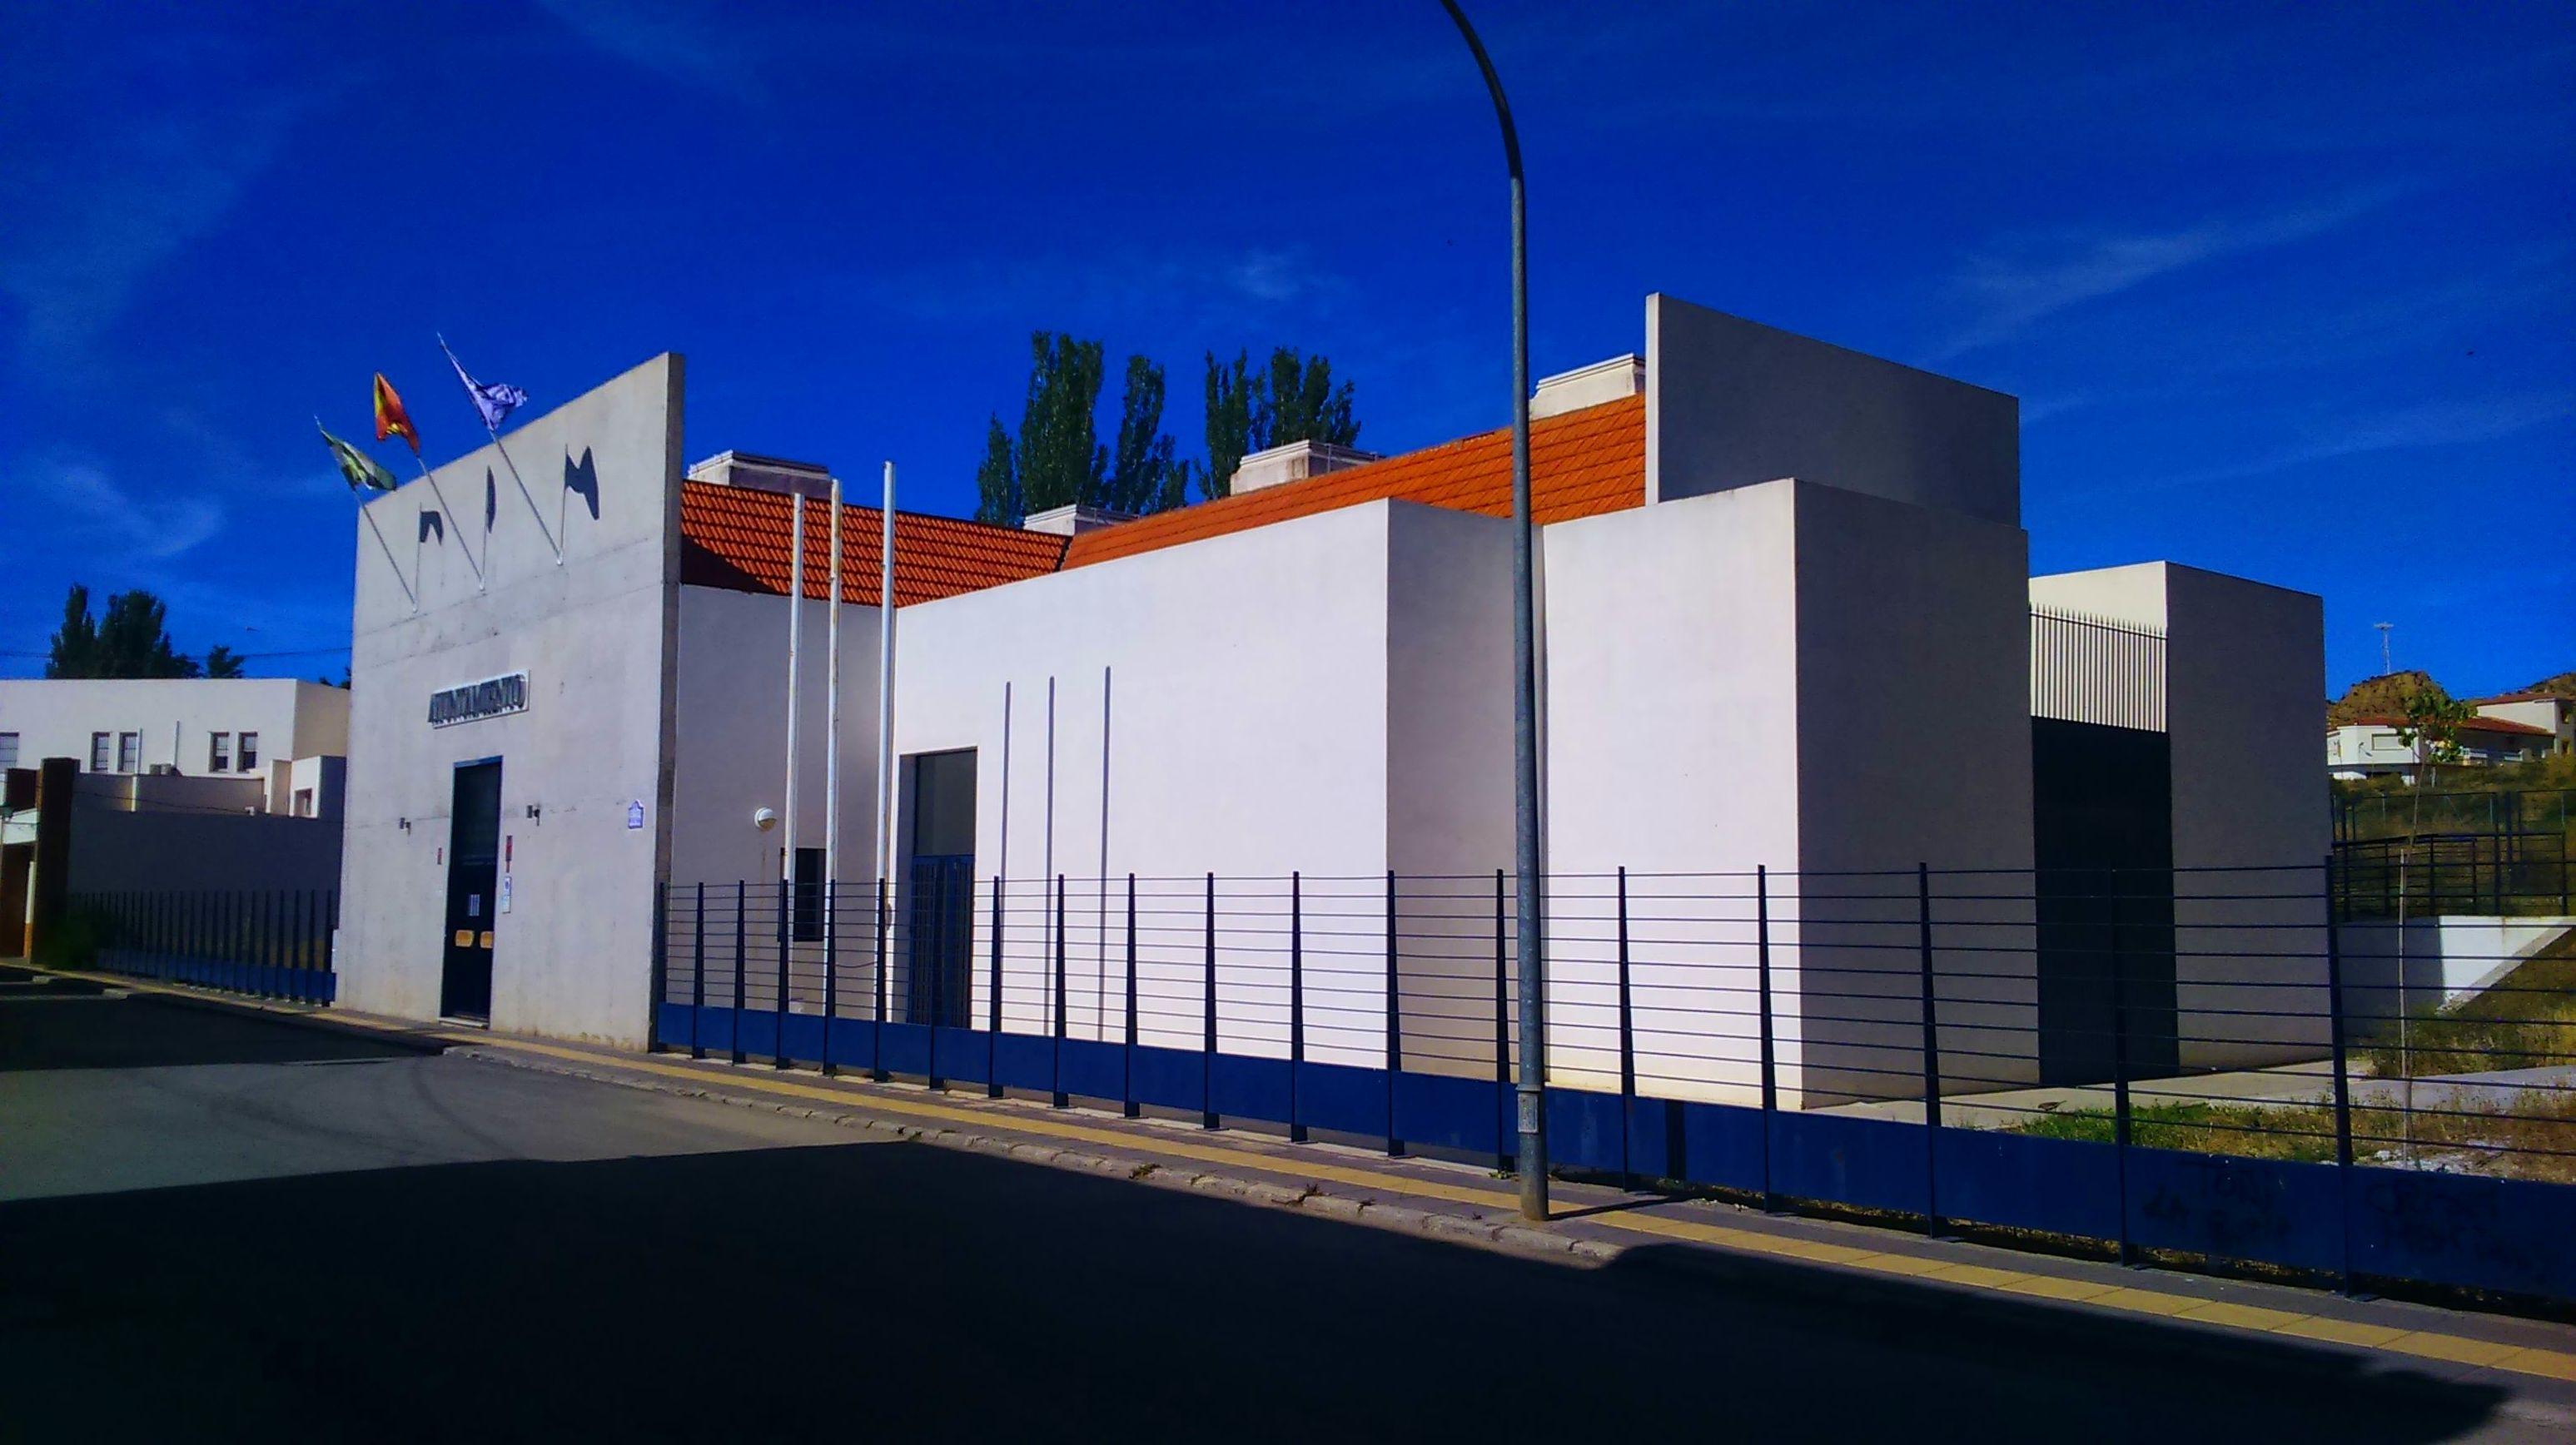 AYUNTAMIENTO DE PURULLENA (GRANADA) - Adaptación del Mercado Municipal